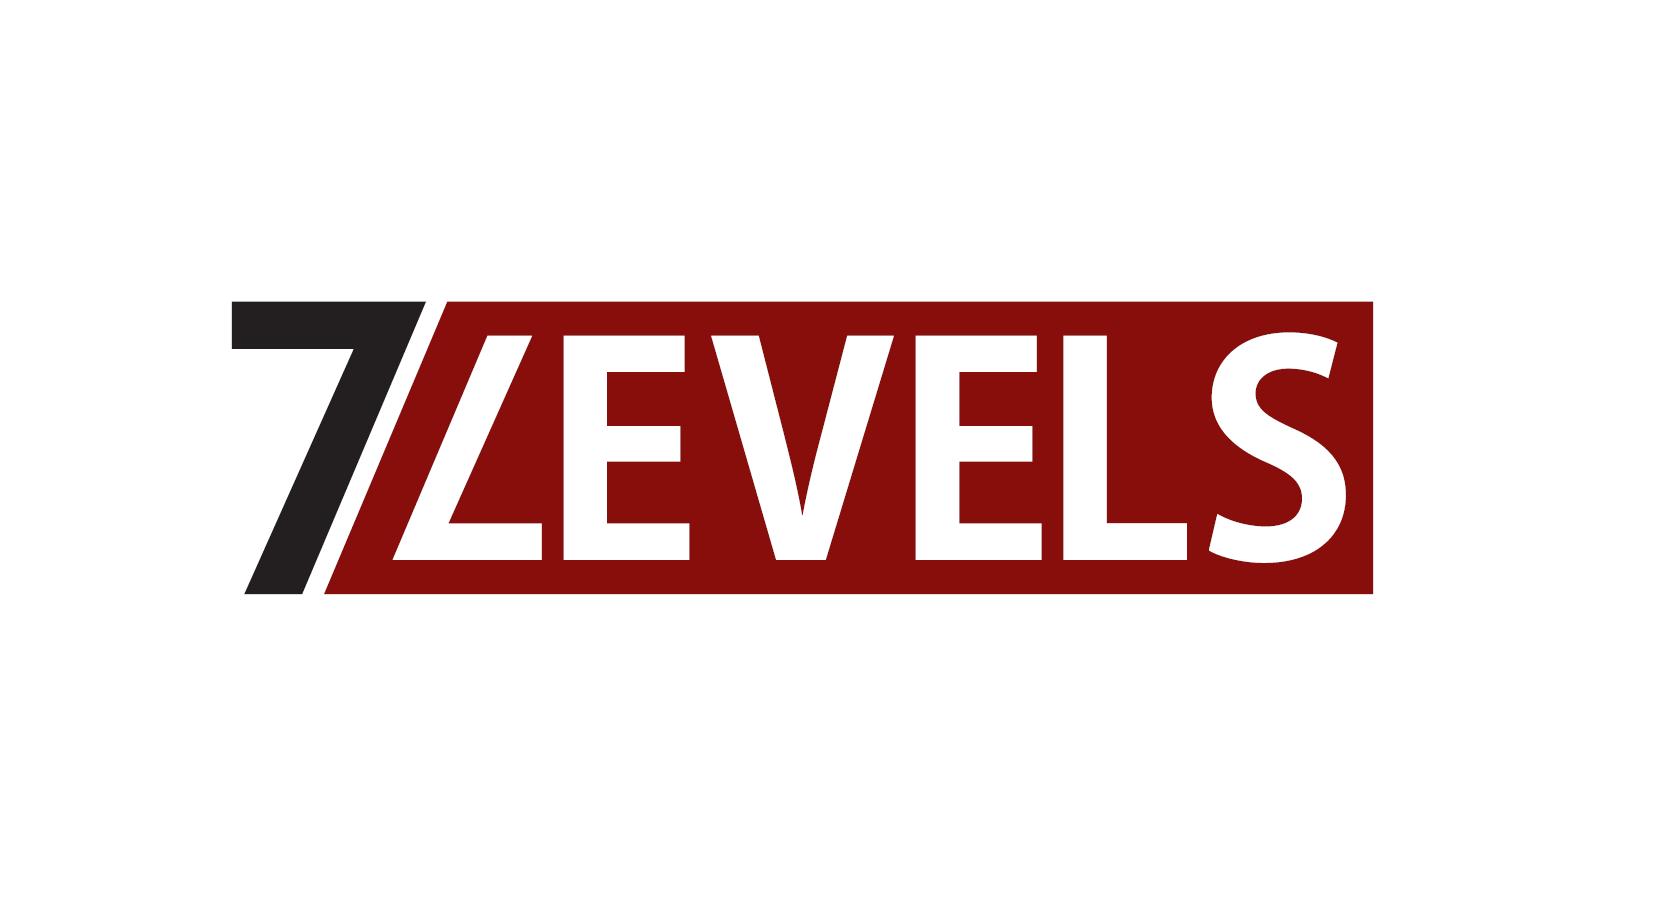 7LEVELS rozwija działalność wydawniczą 1